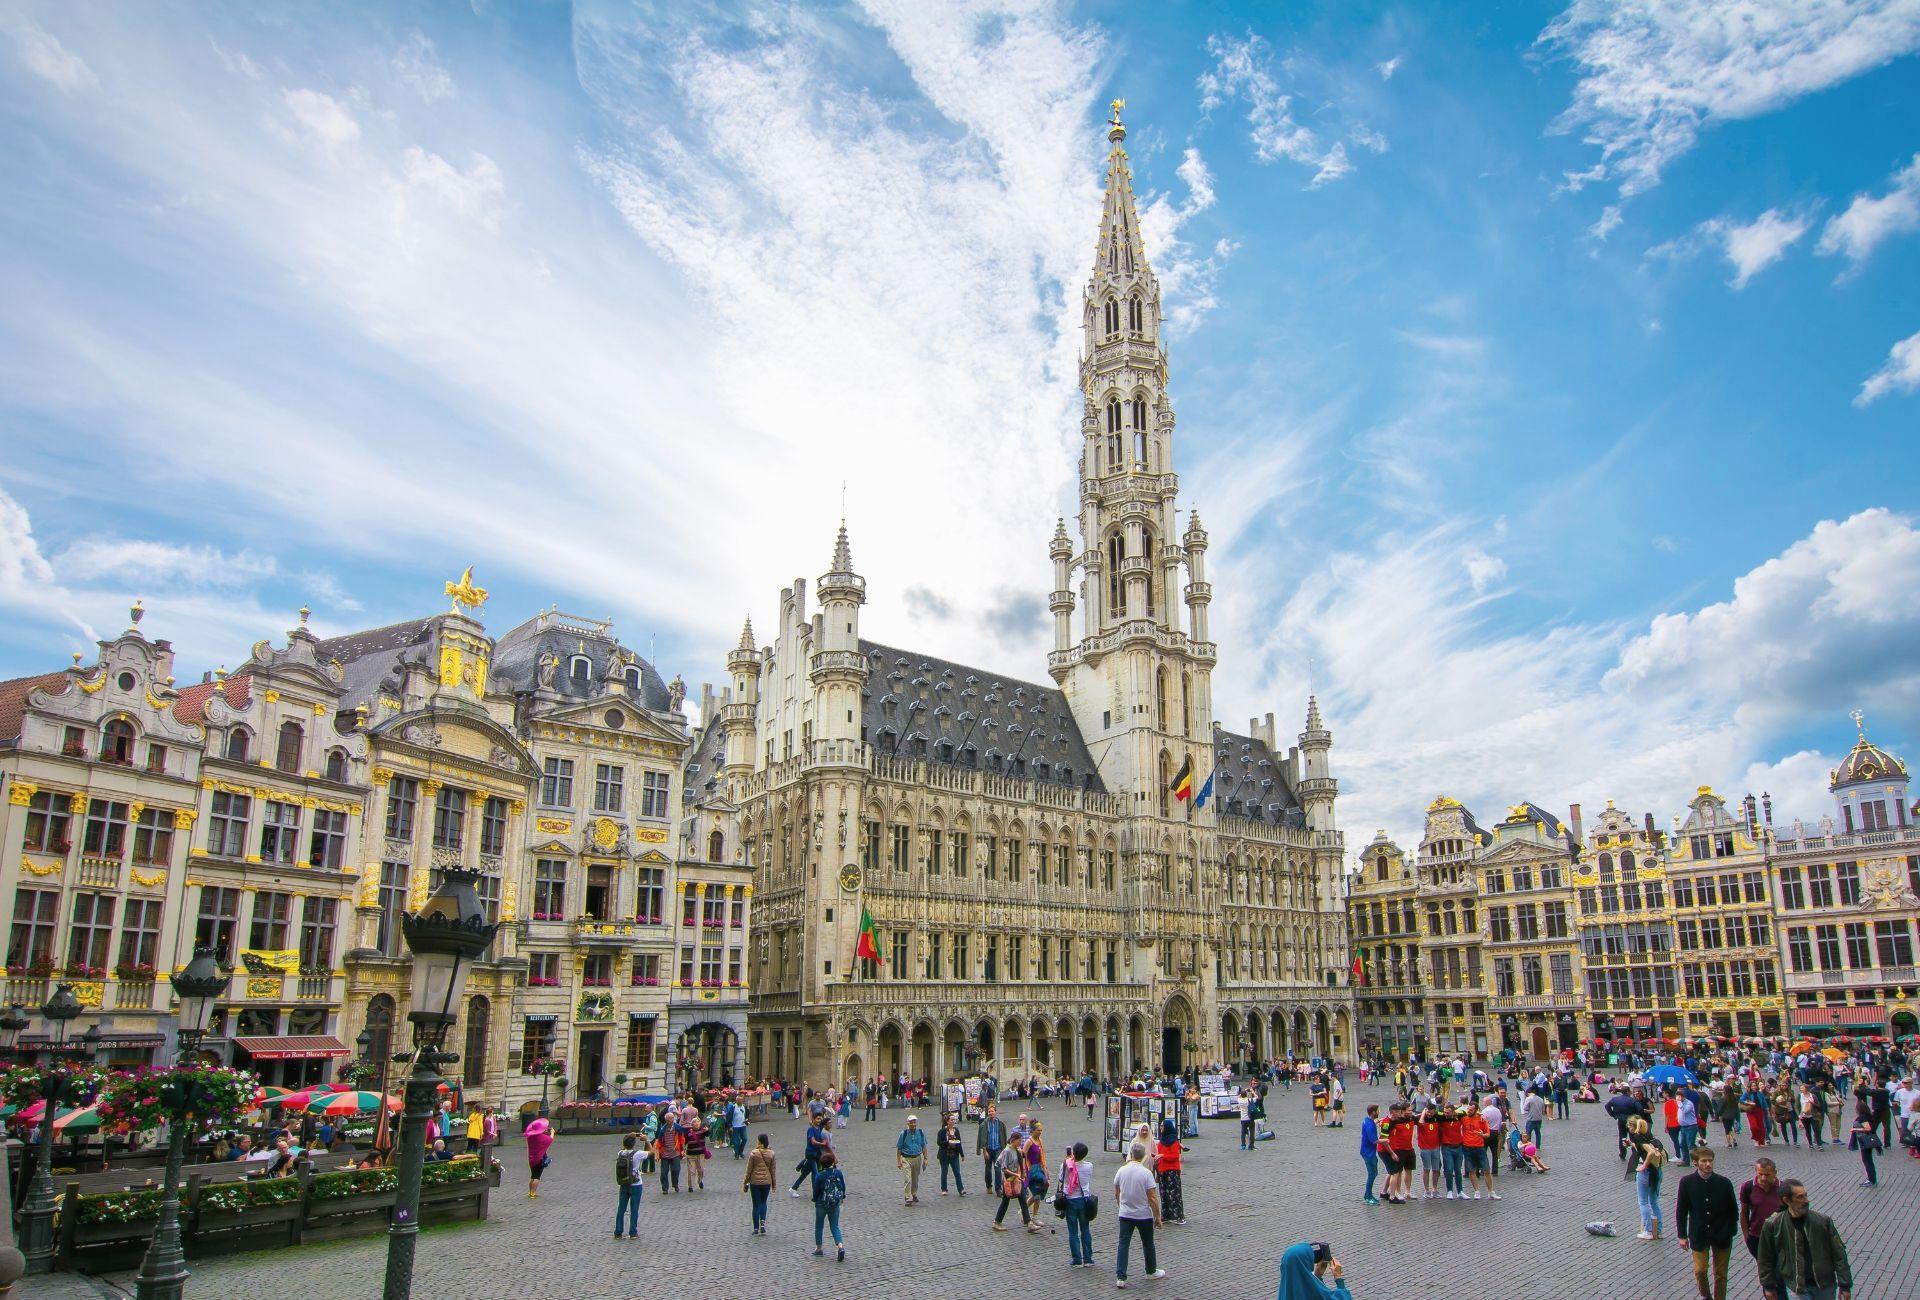 Grand-Place, praça central de Bruxelas com muitas pessoas circulando pelo pátio central